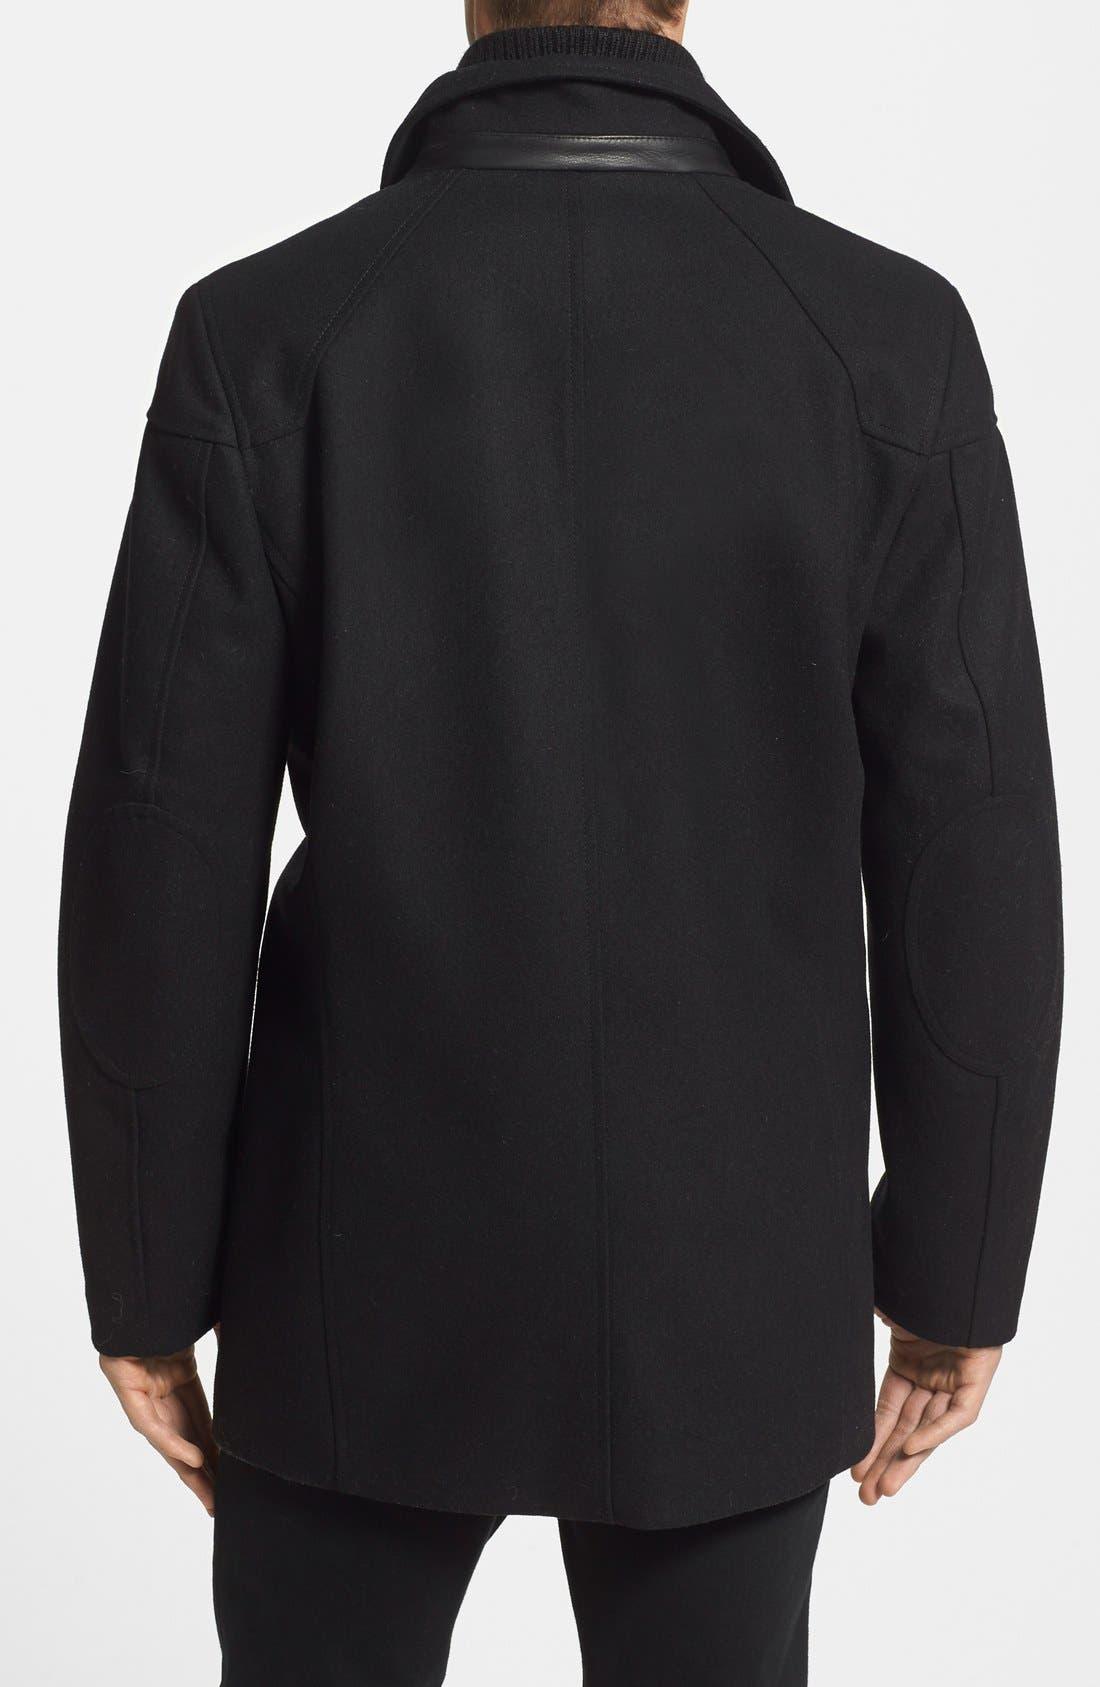 Melton Car Coat with Removable Bib,                             Alternate thumbnail 8, color,                             BLACK